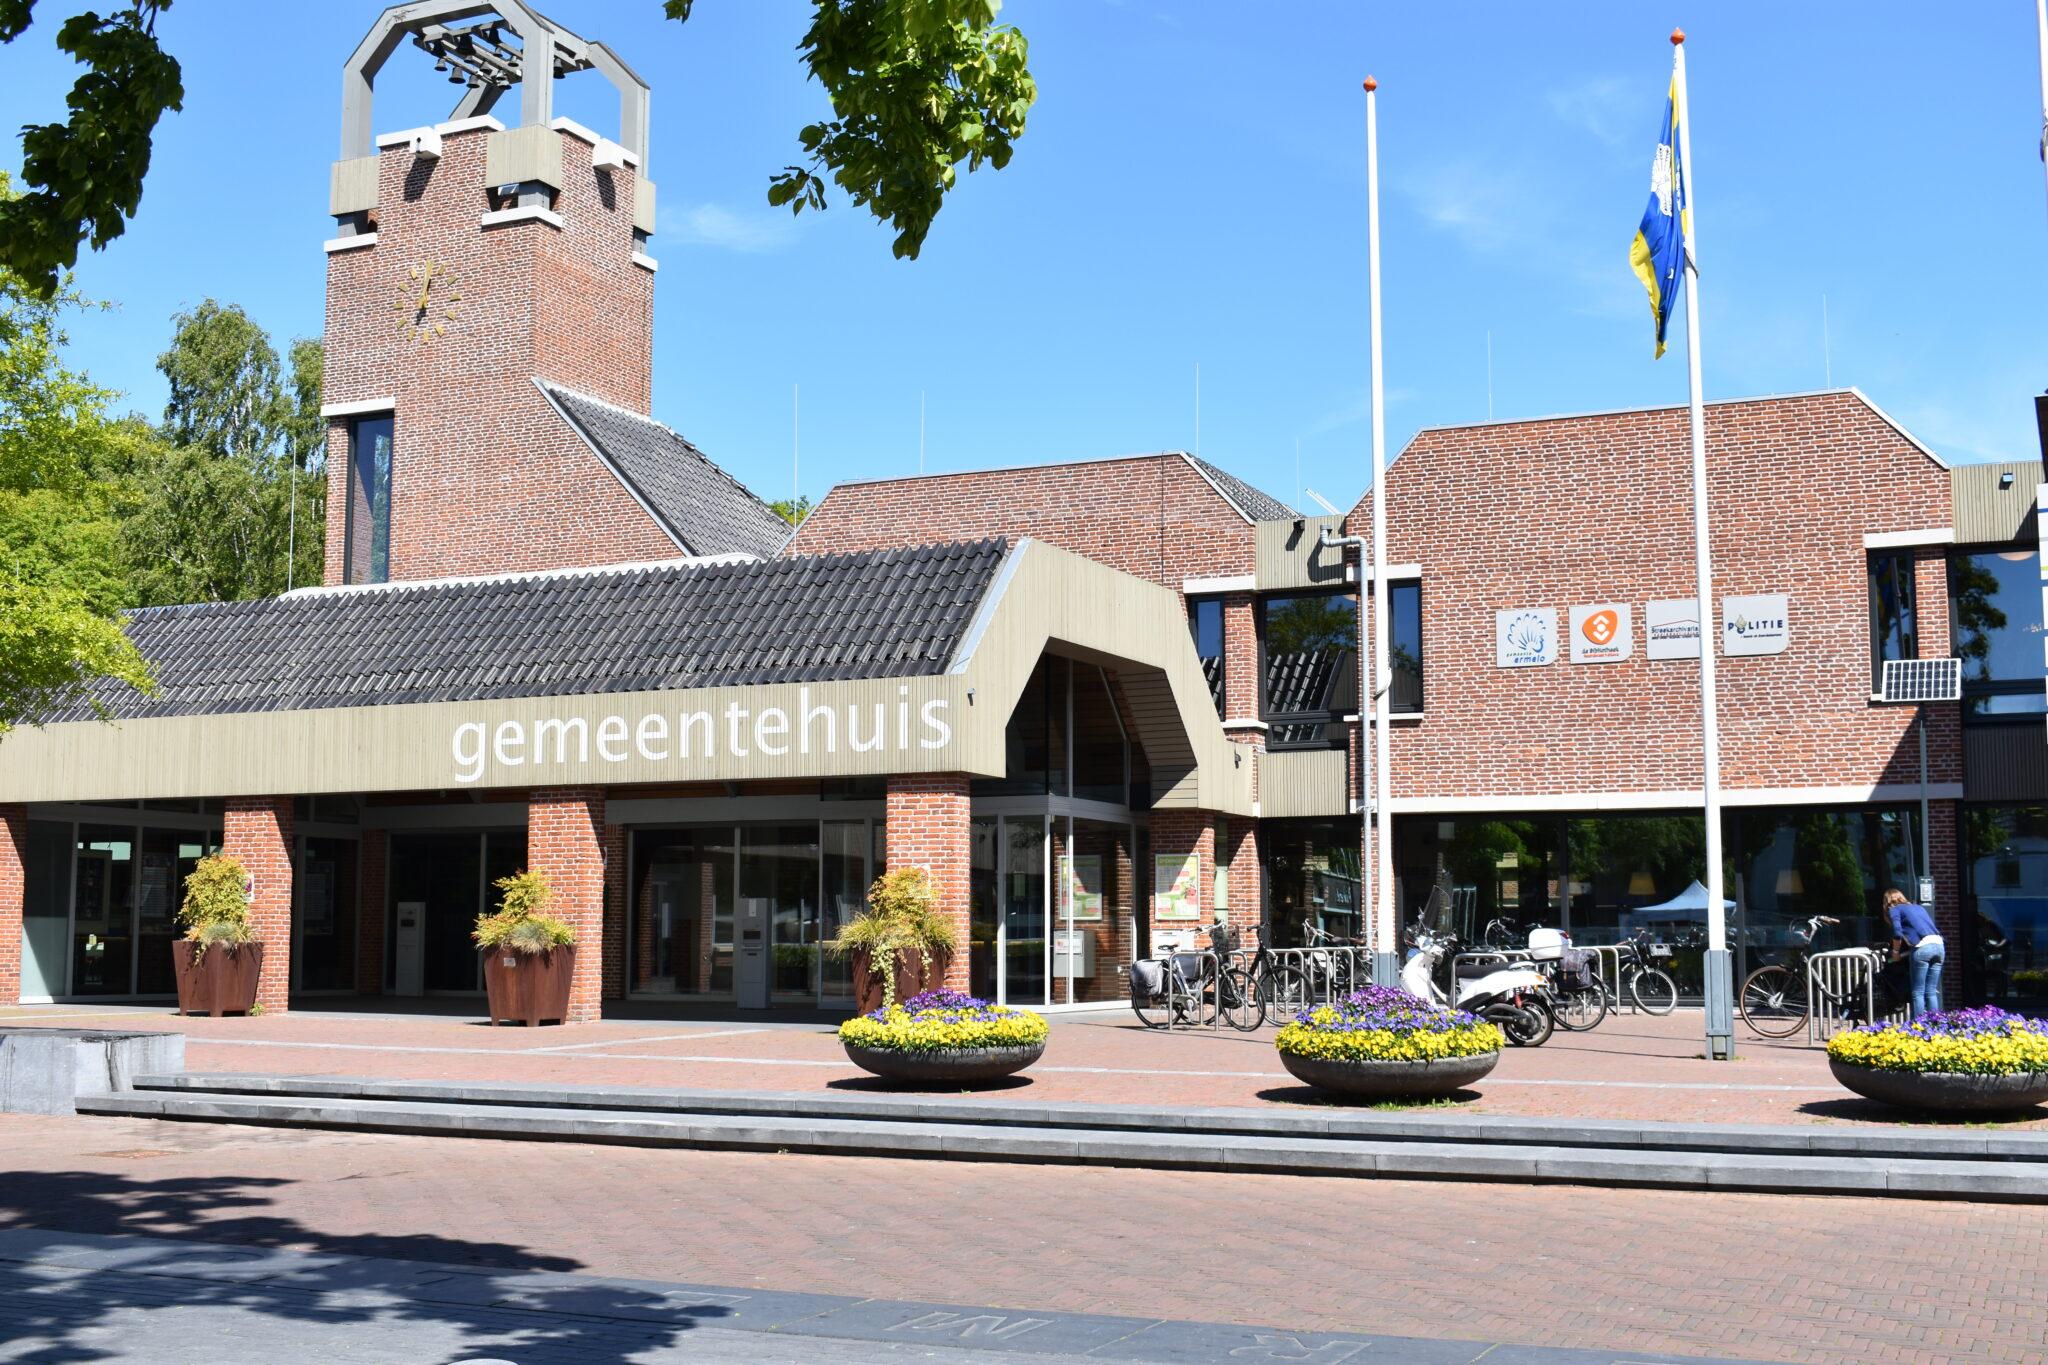 Gemeentehuis Ermelo woonlasten gemeentelijke belasting harderwijk ermelo putten